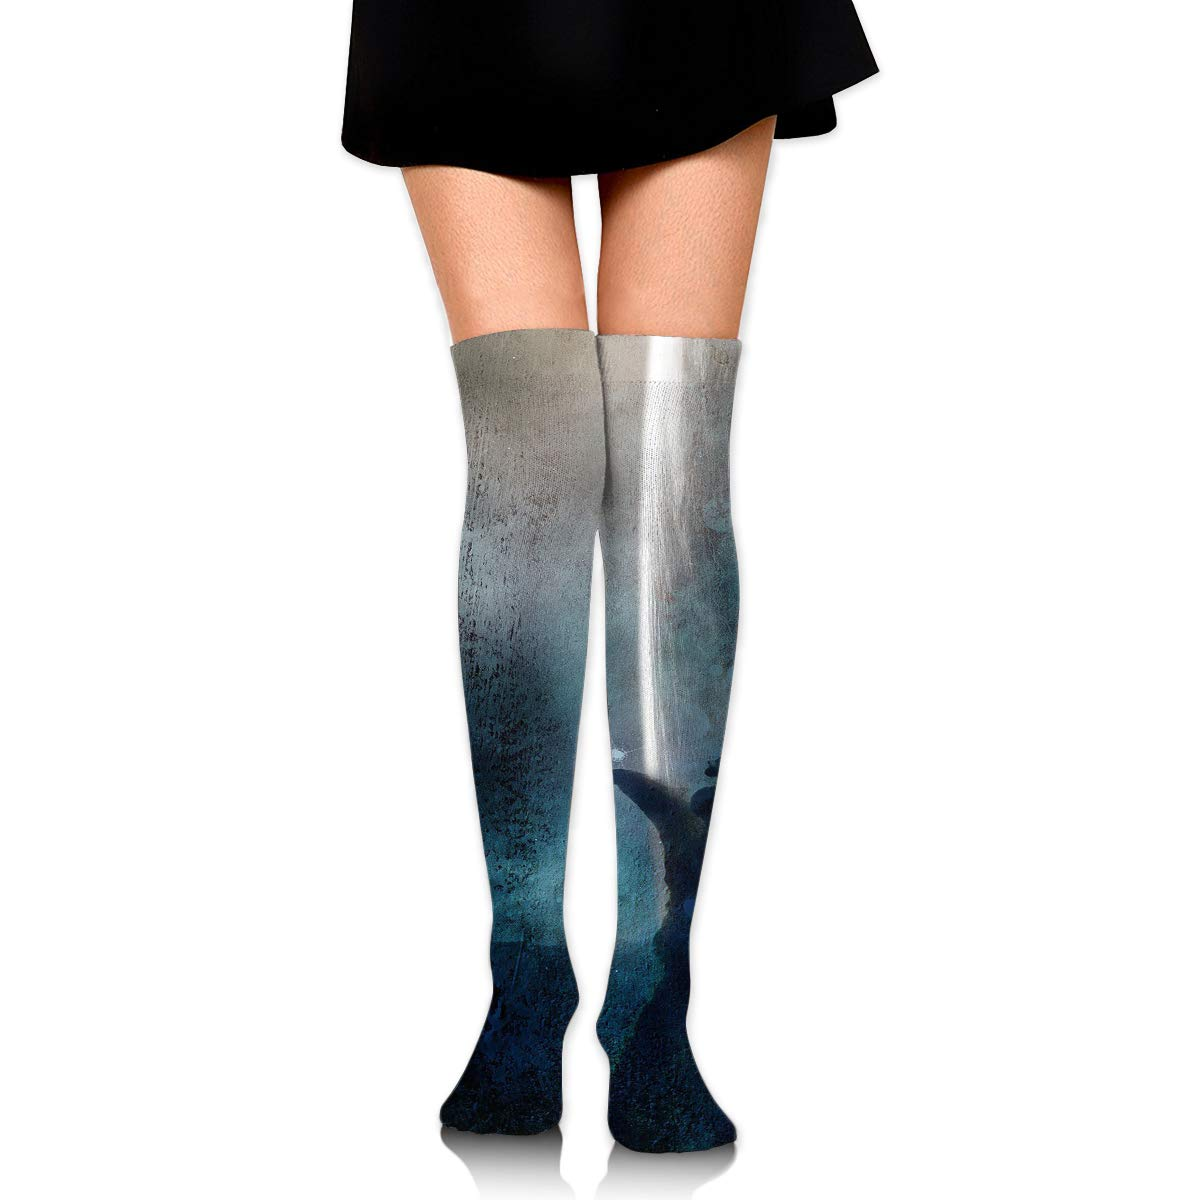 High Elasticity Girl Cotton Knee High Socks Uniform Swimming Whales Women Tube Socks